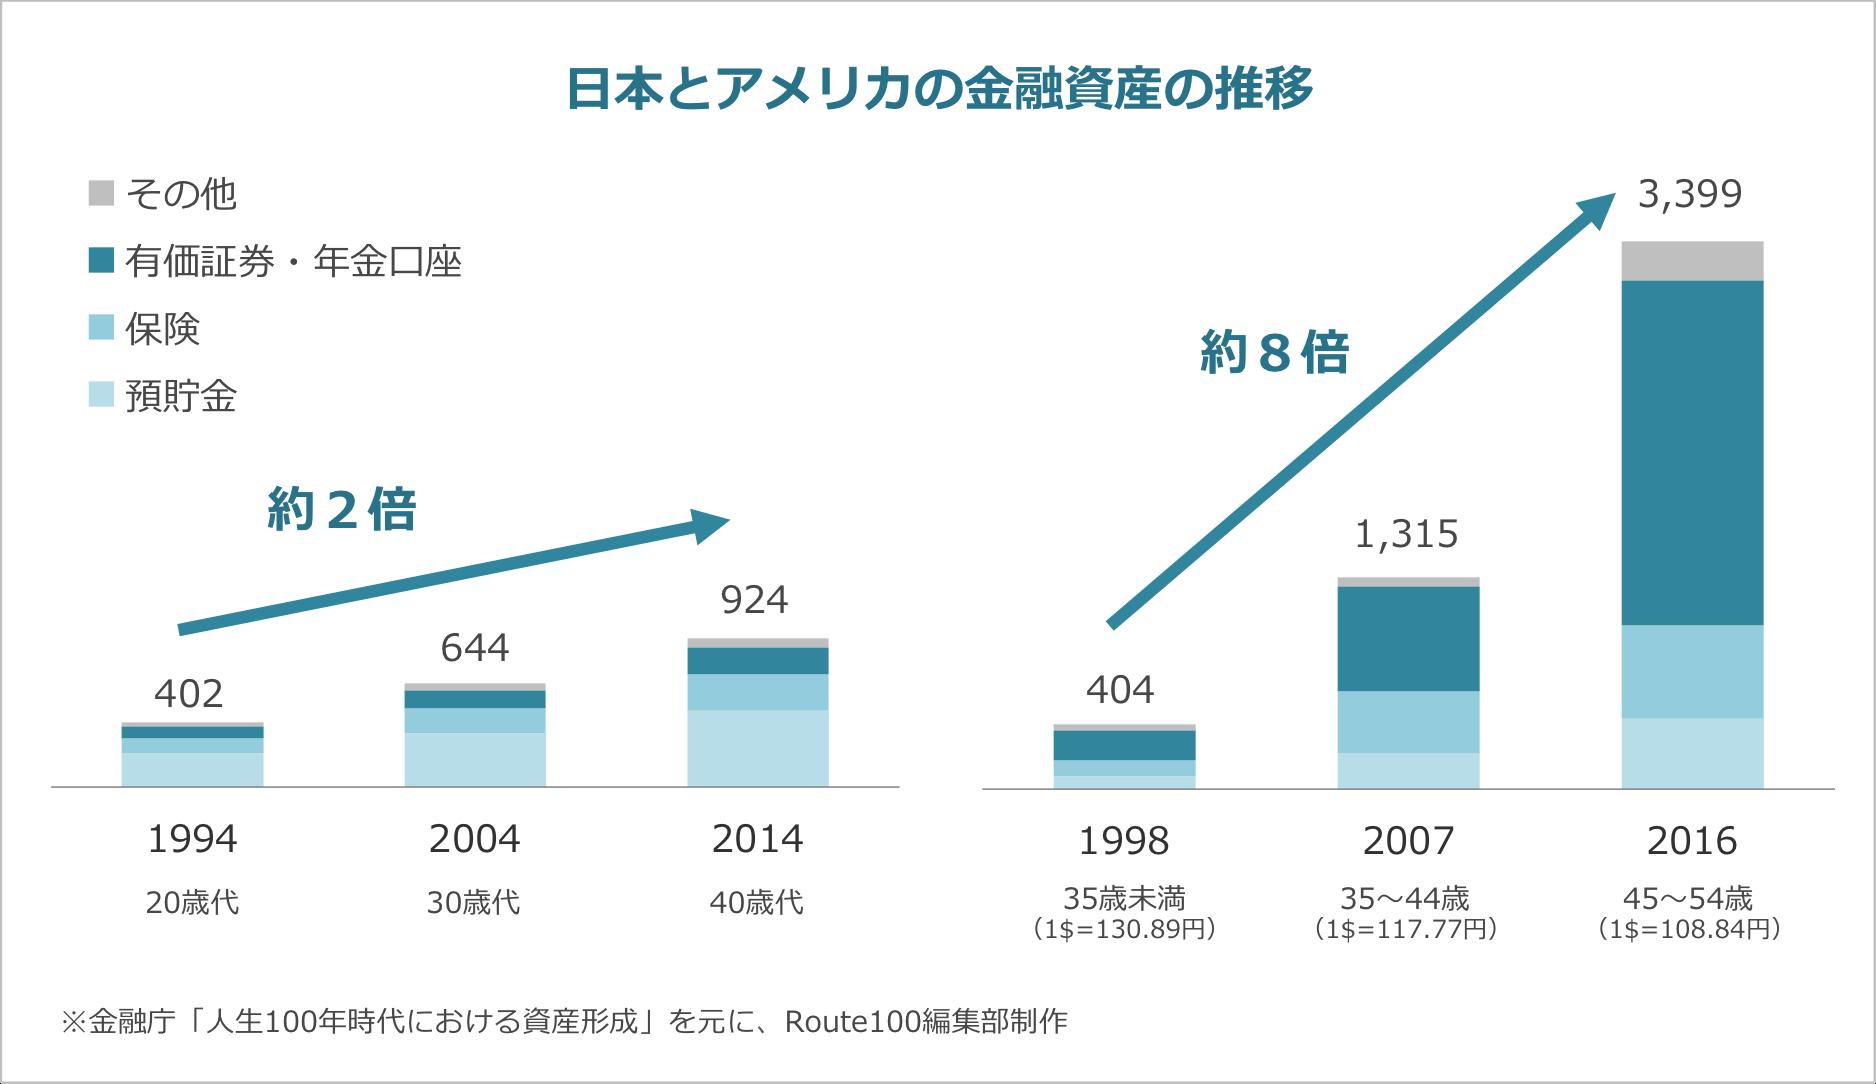 日本とアメリカの金融資産の推移